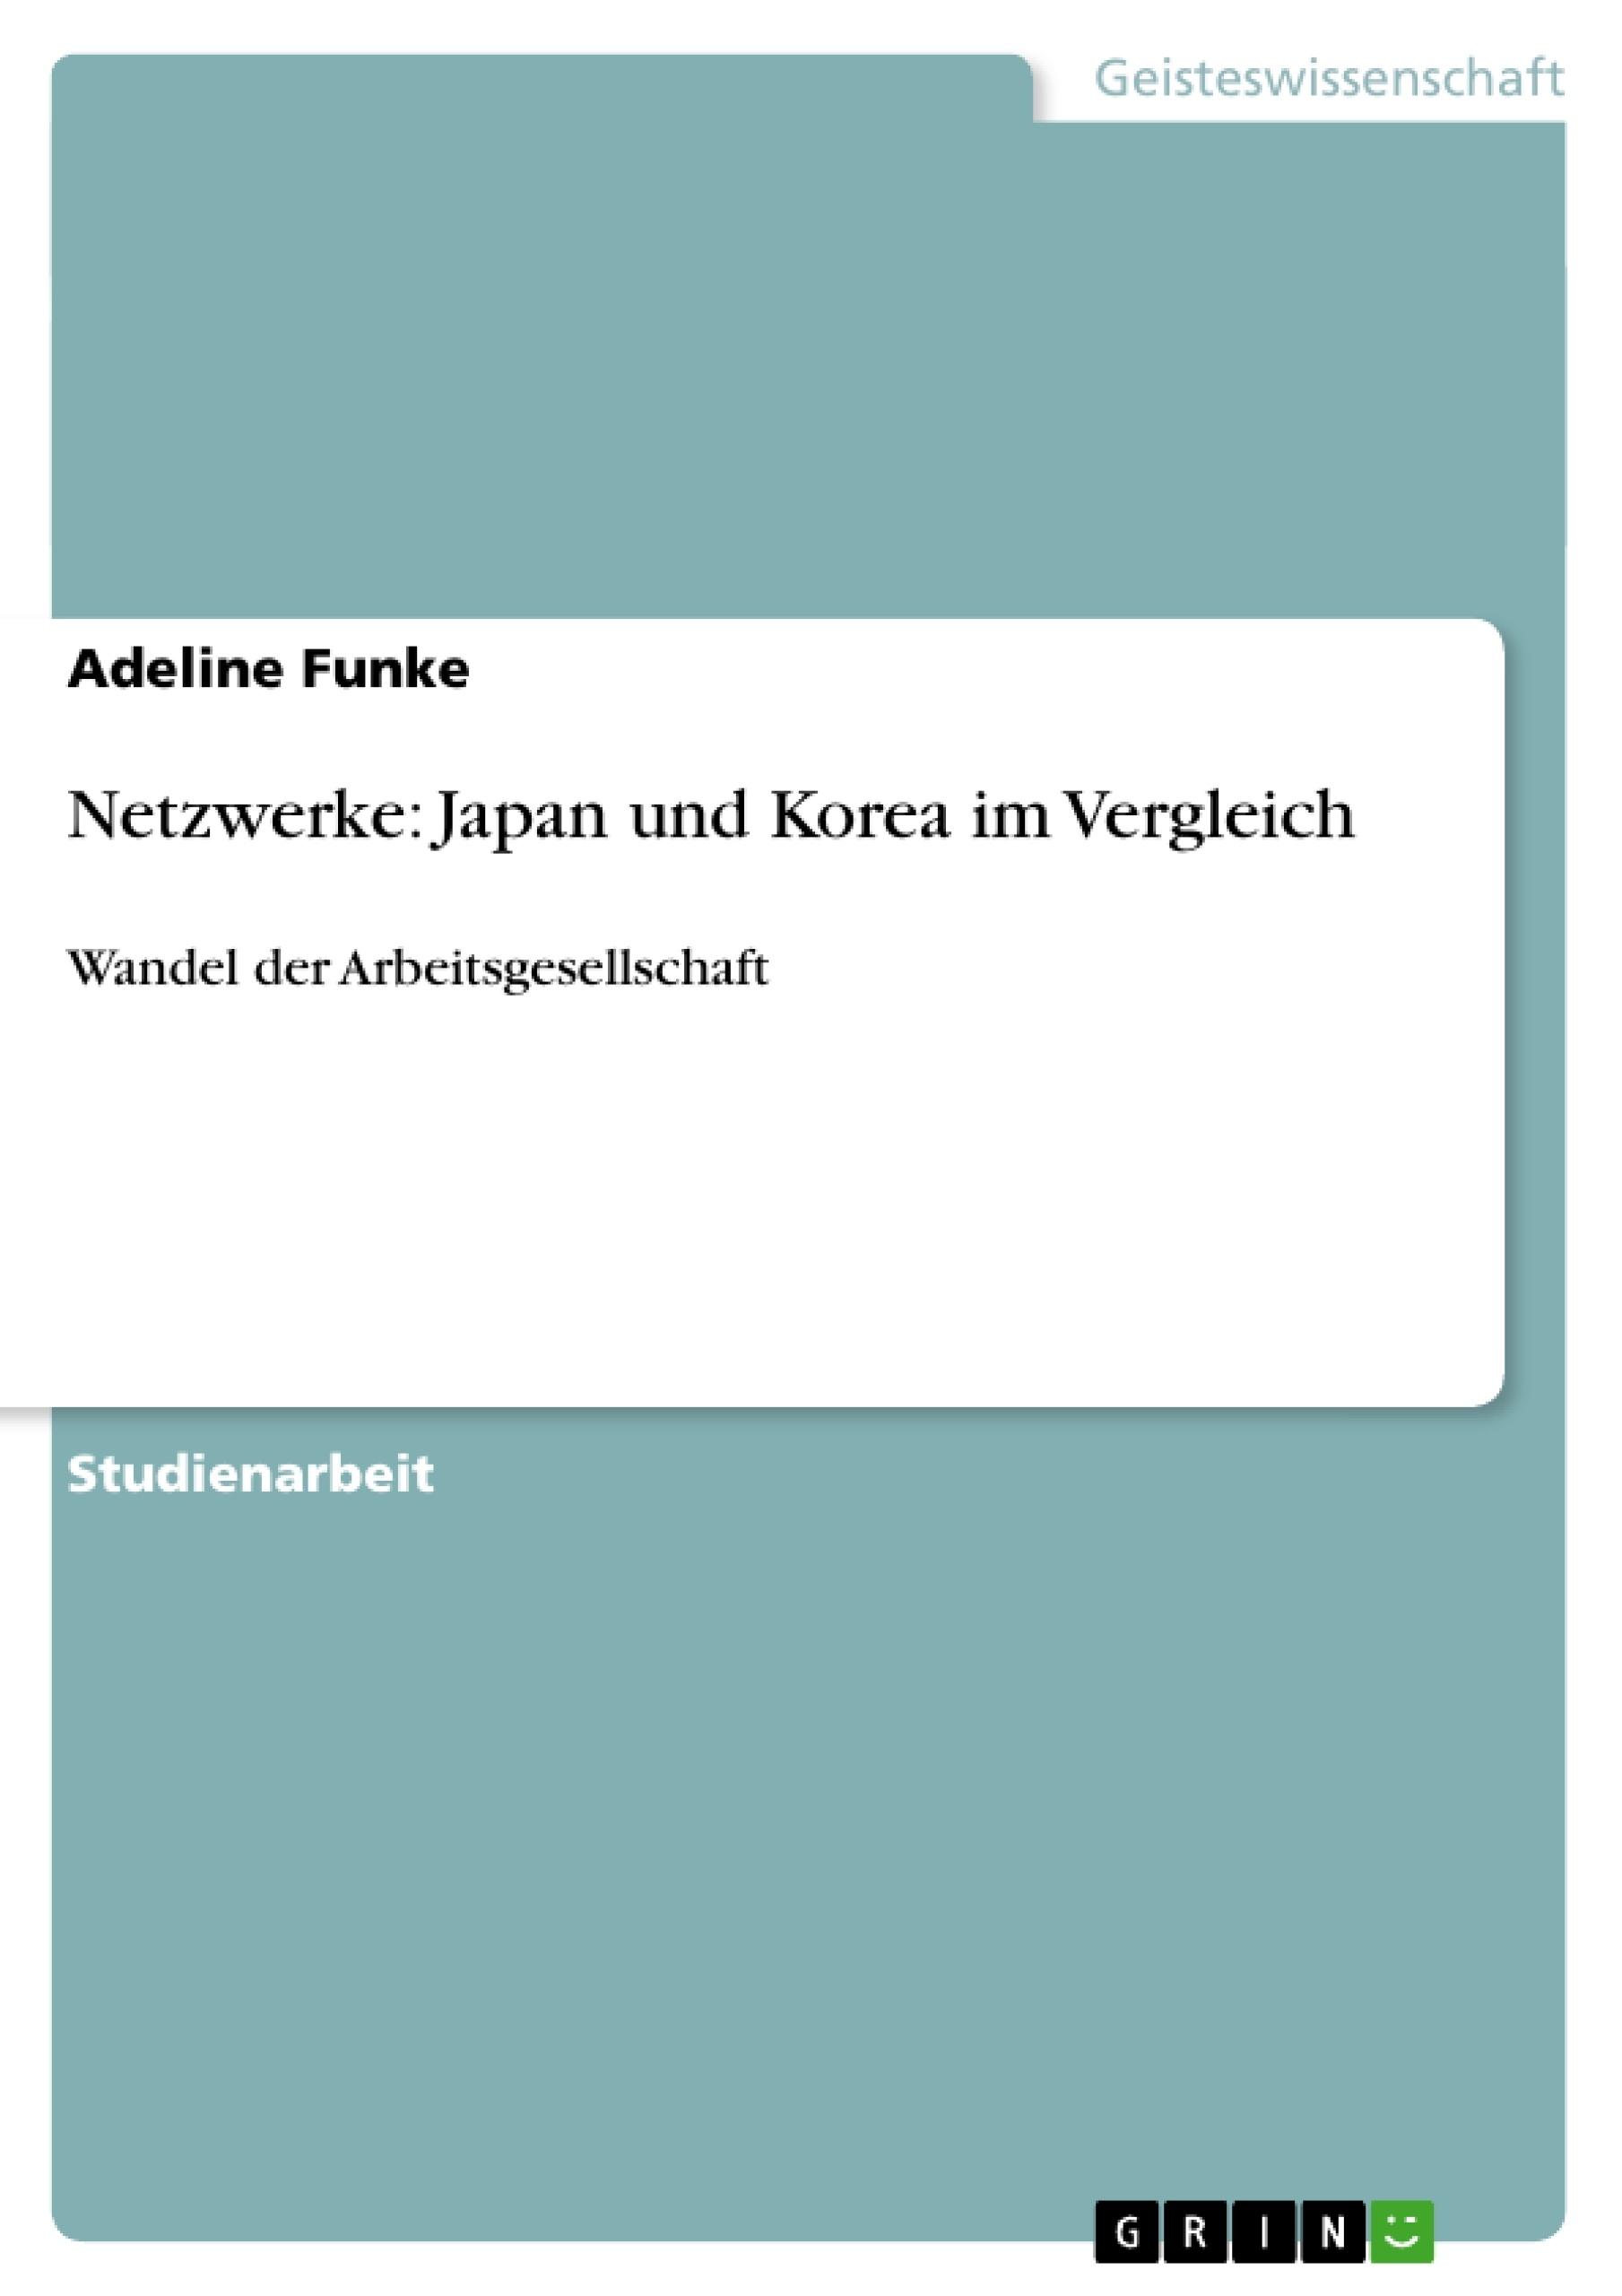 Titel: Netzwerke: Japan und Korea im Vergleich